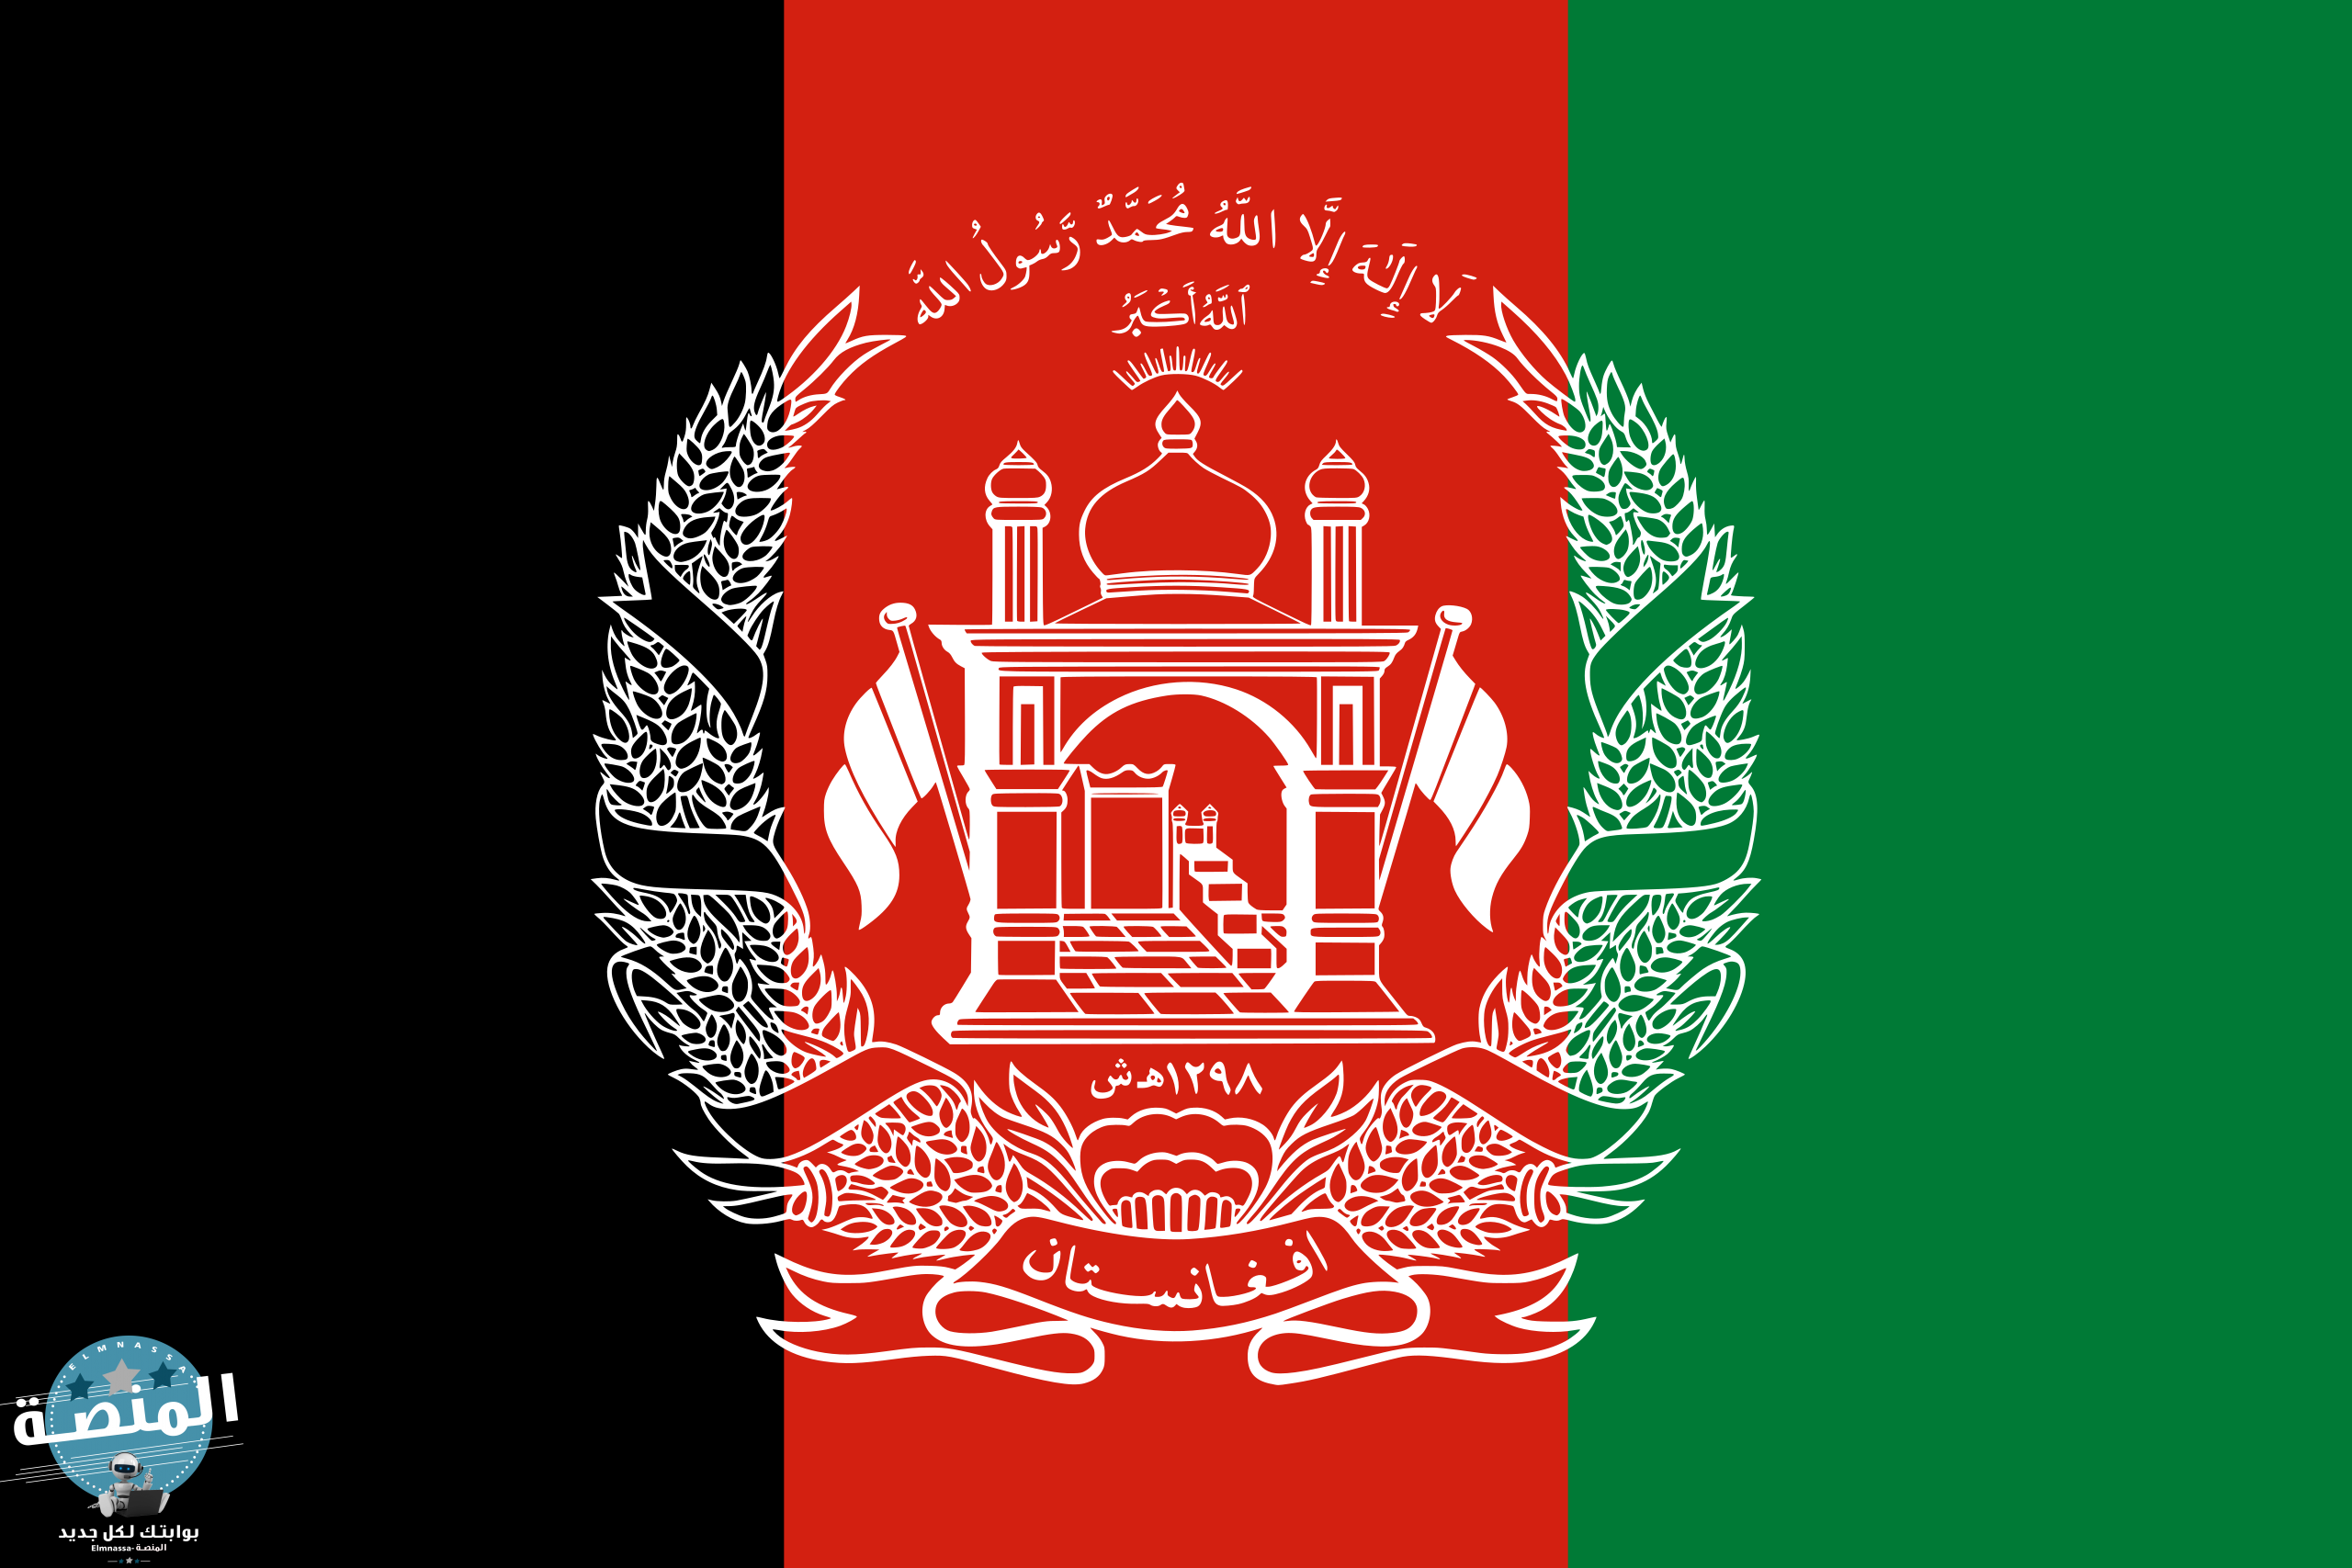 تاريخ أفغانستان و معلومات عن الدولة الأفغانستانية